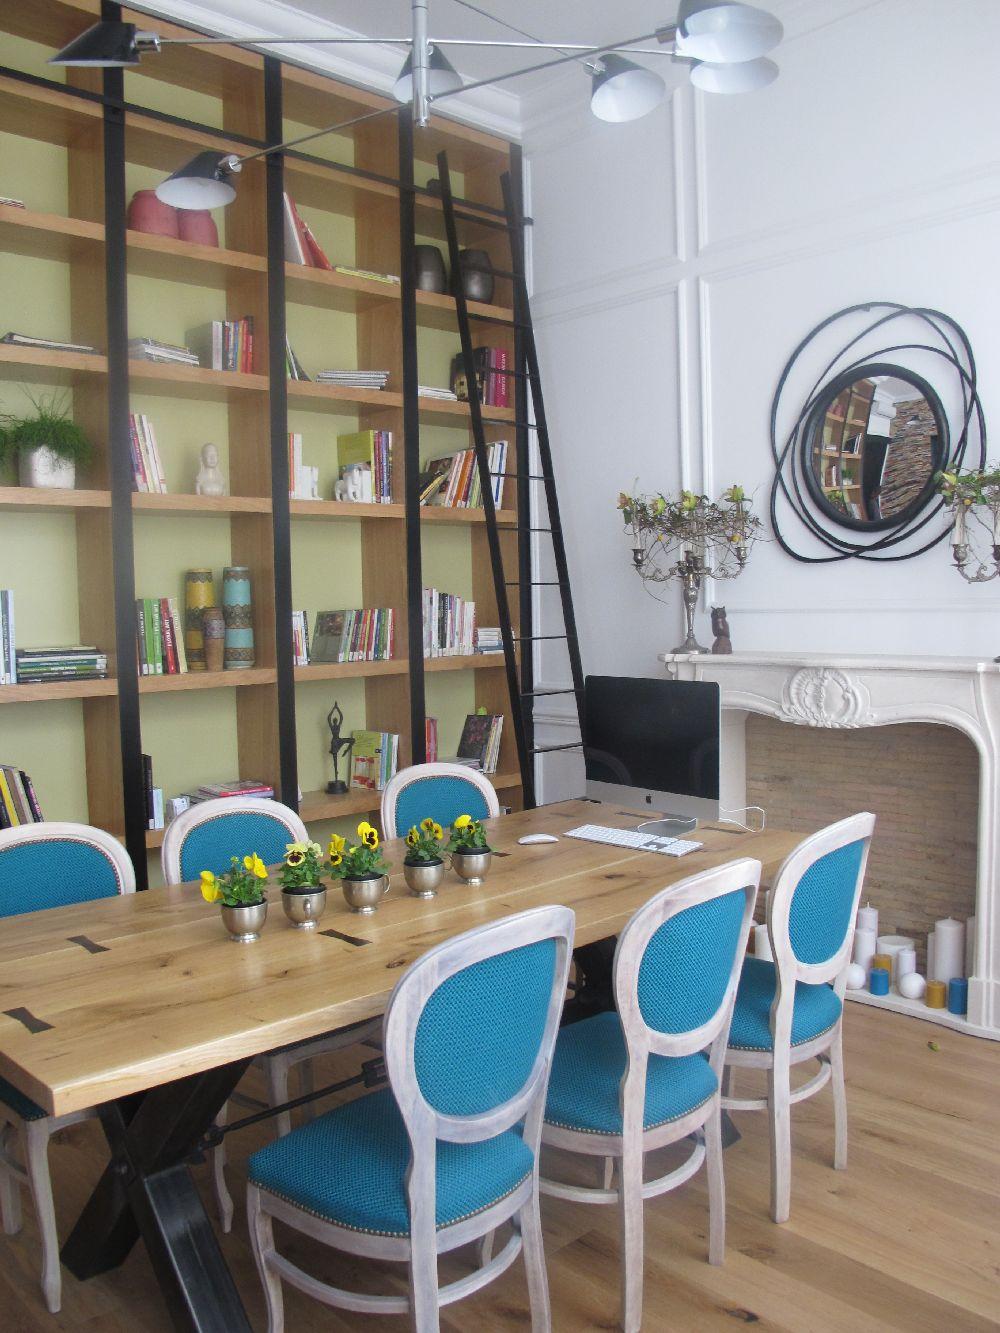 adelaparvu.com despre atelierul designerului florist Nicu Bocancea, Foraria Iris, design interior Pascal Delmotte (61)